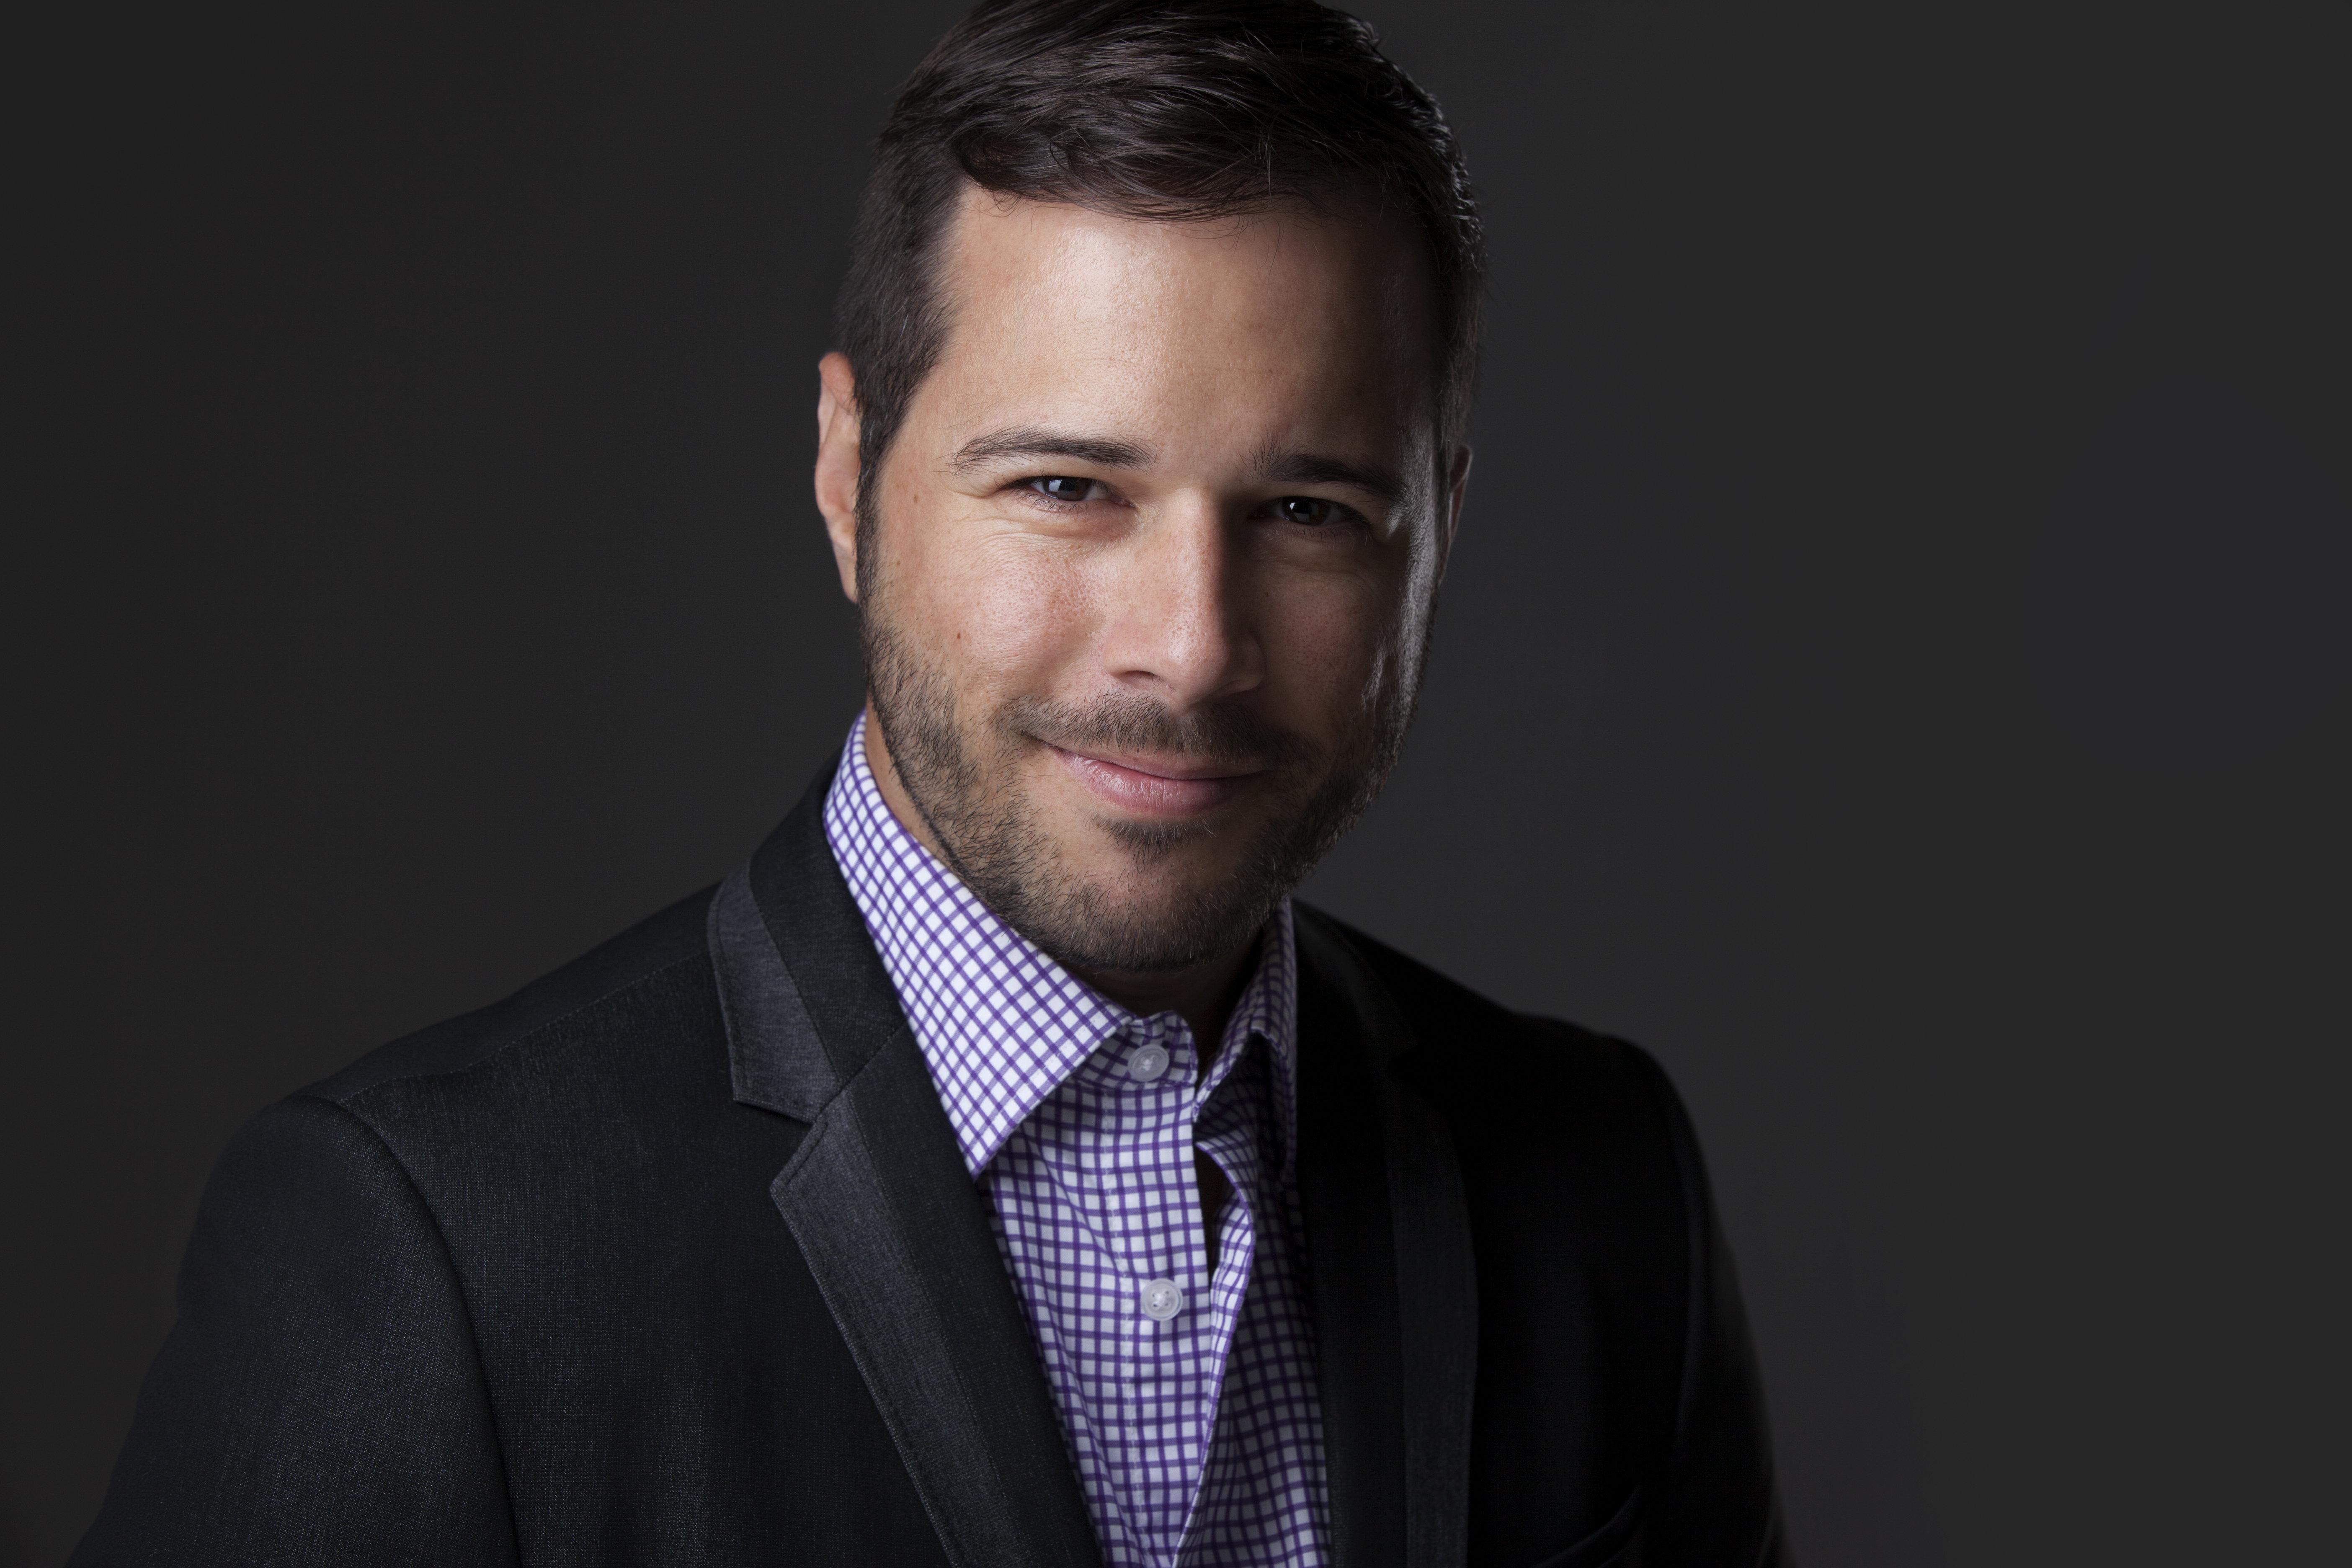 Marc-Antoine Vachon professeur de marketing et co-titulaire de la Chaire de tourisme Transat de L'ESG UQAM.